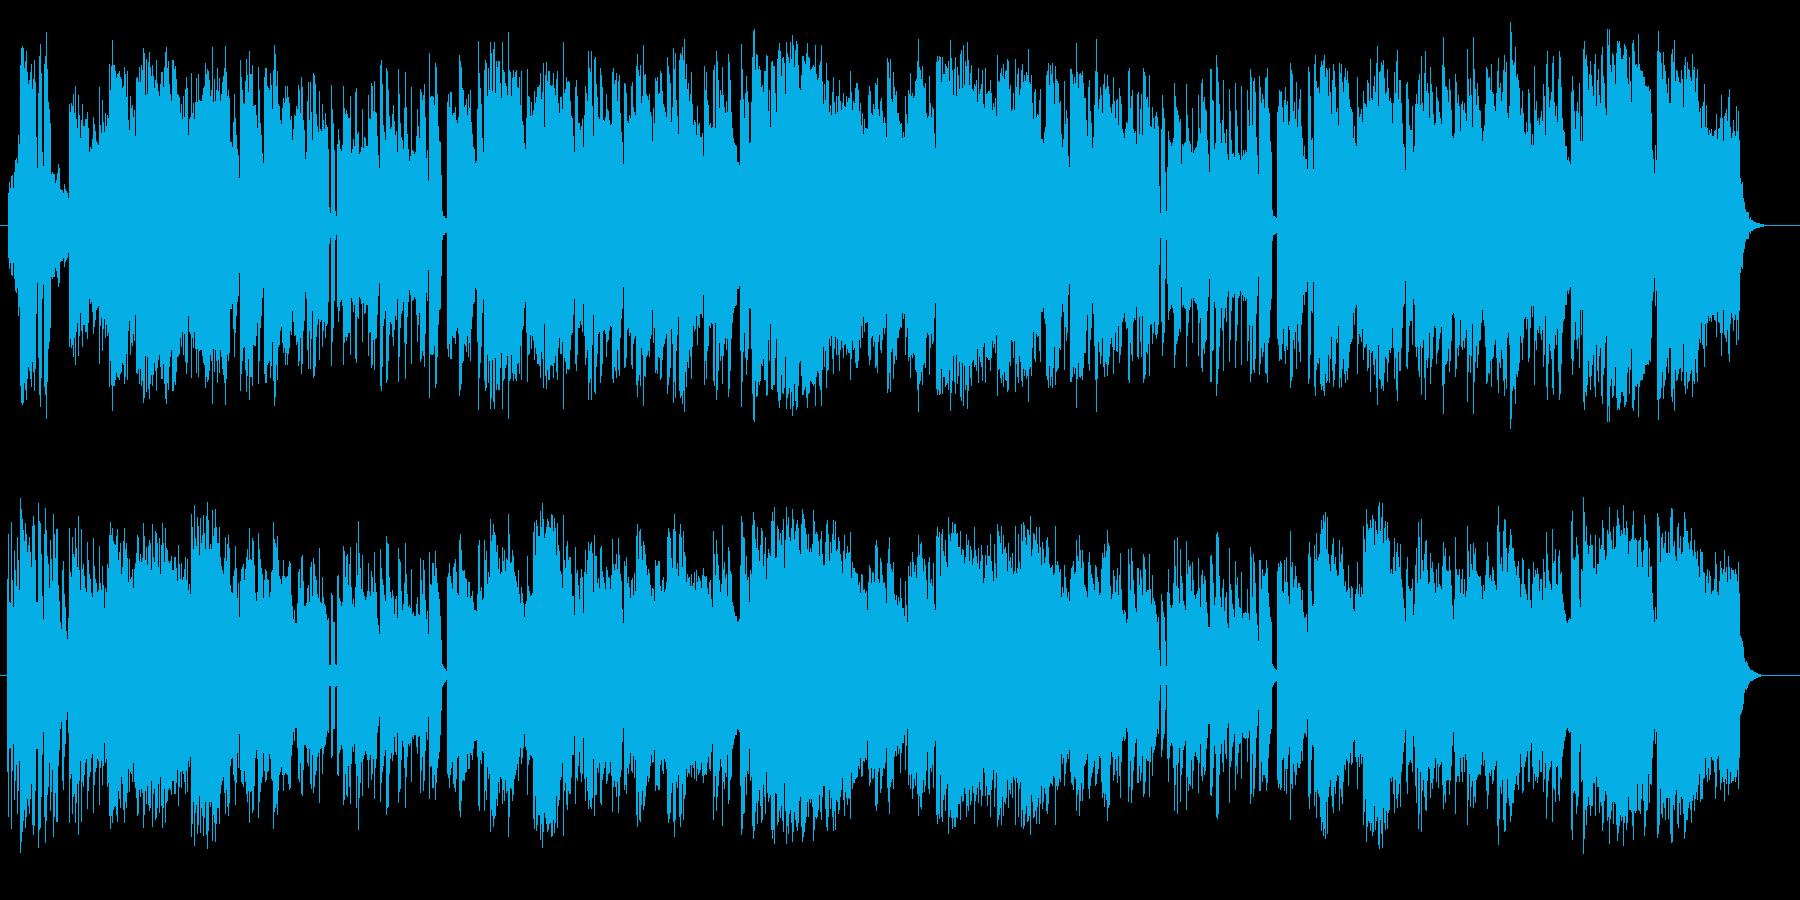 和風の演歌弦管楽器シンセサウンドの再生済みの波形